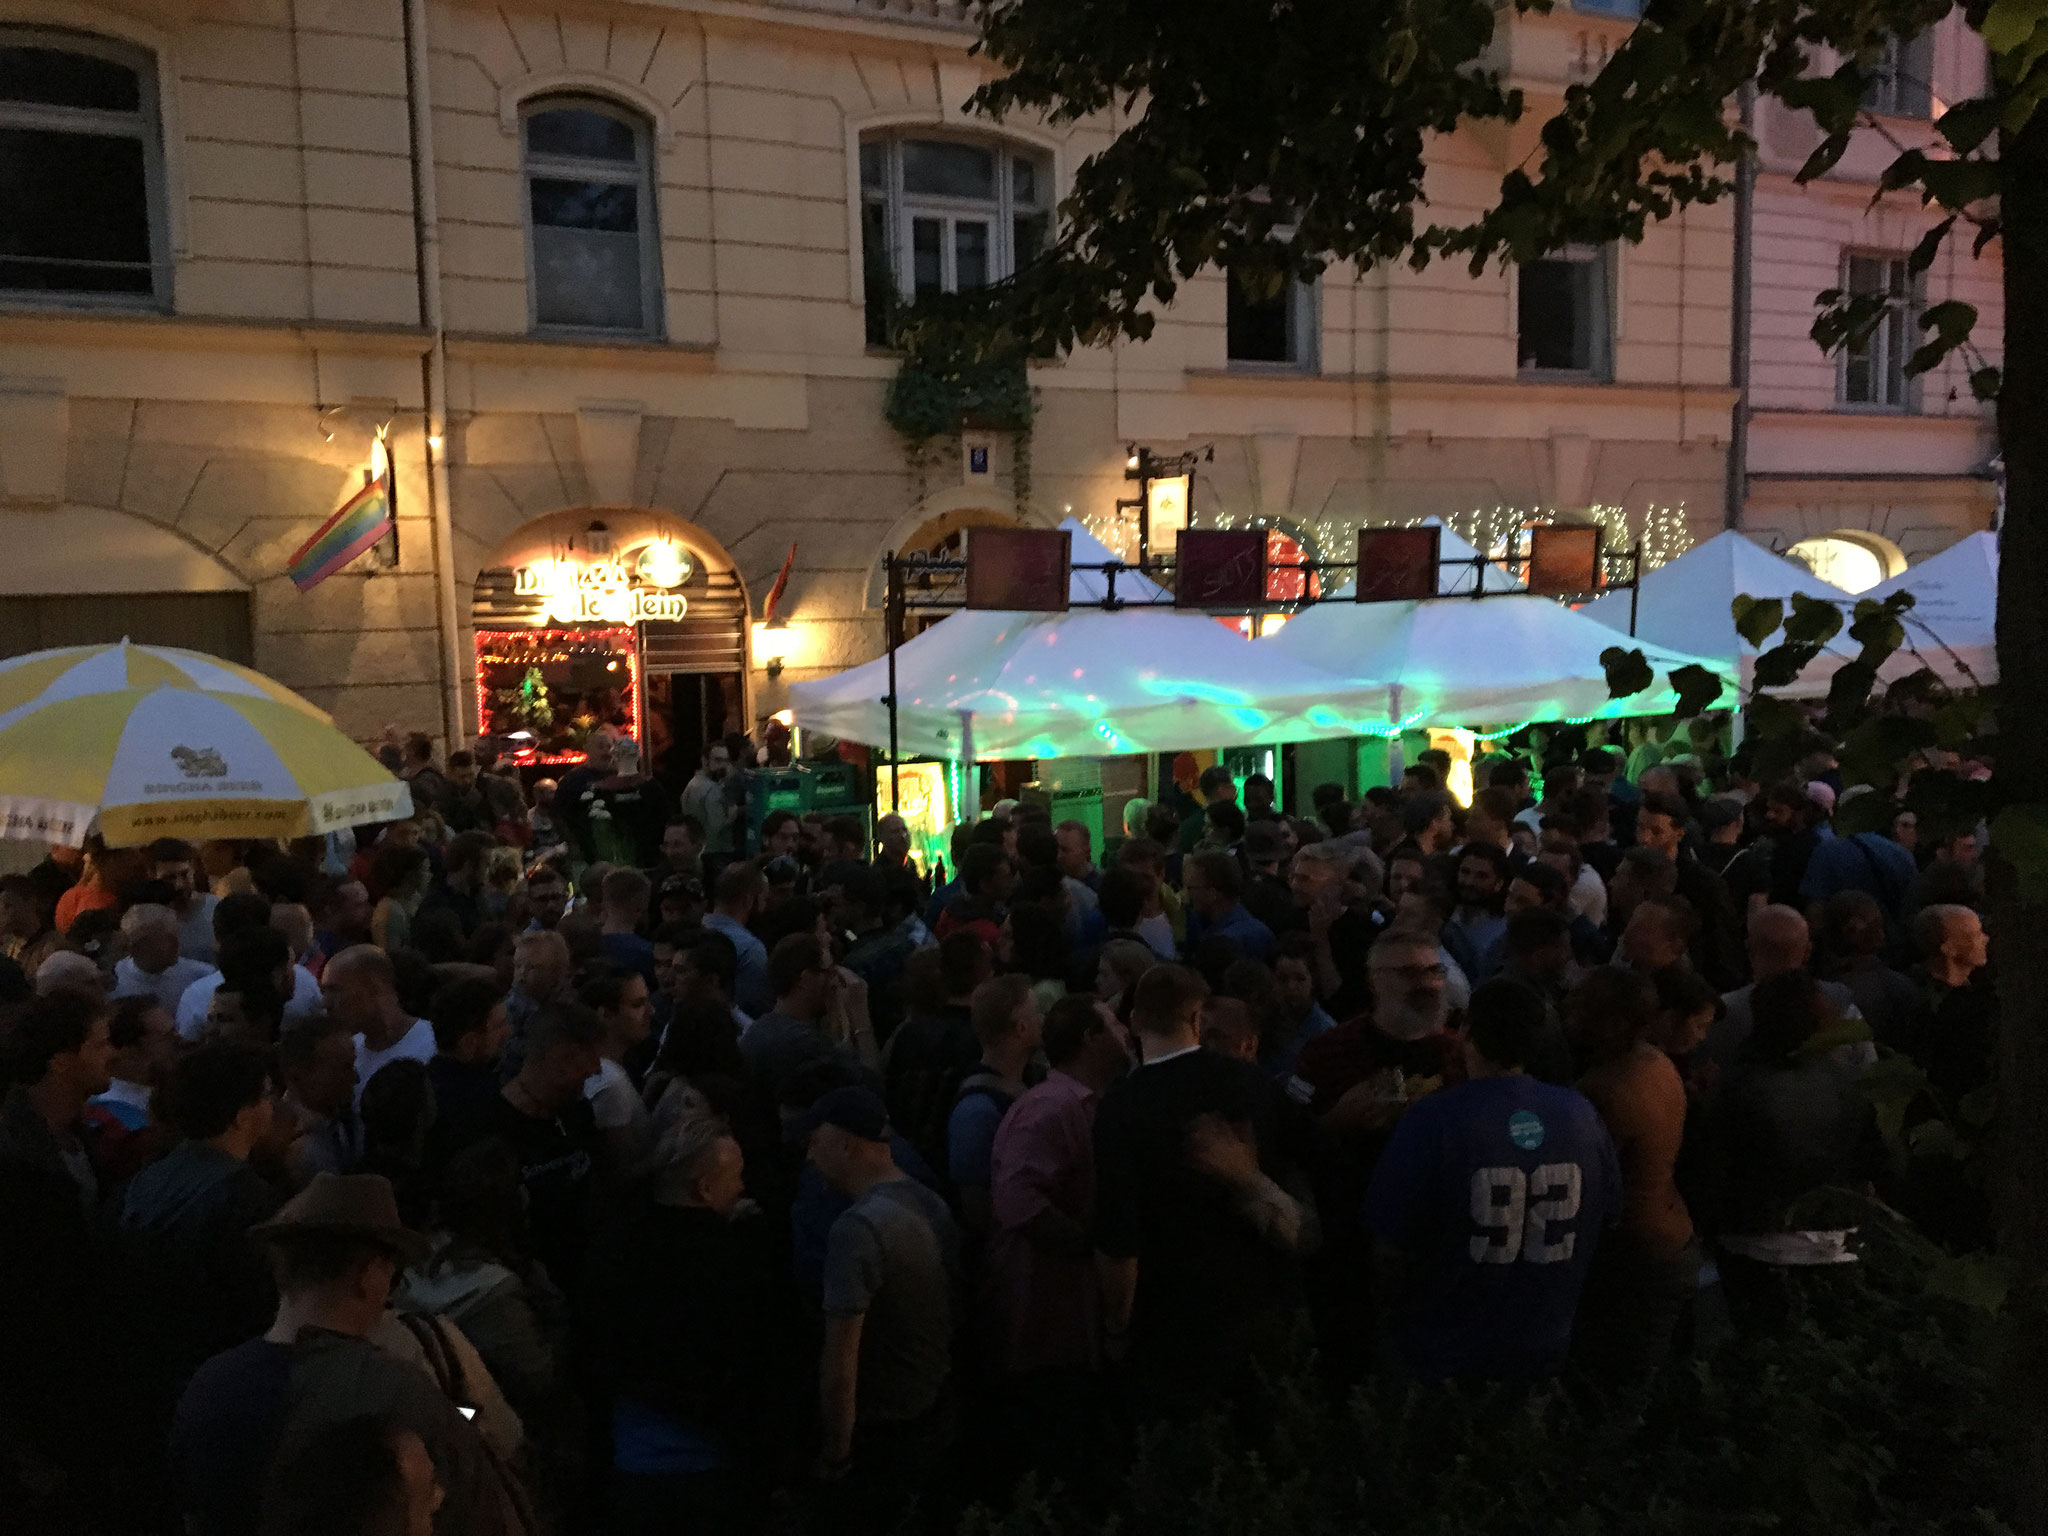 Hanssachsstraßenfest München 2017